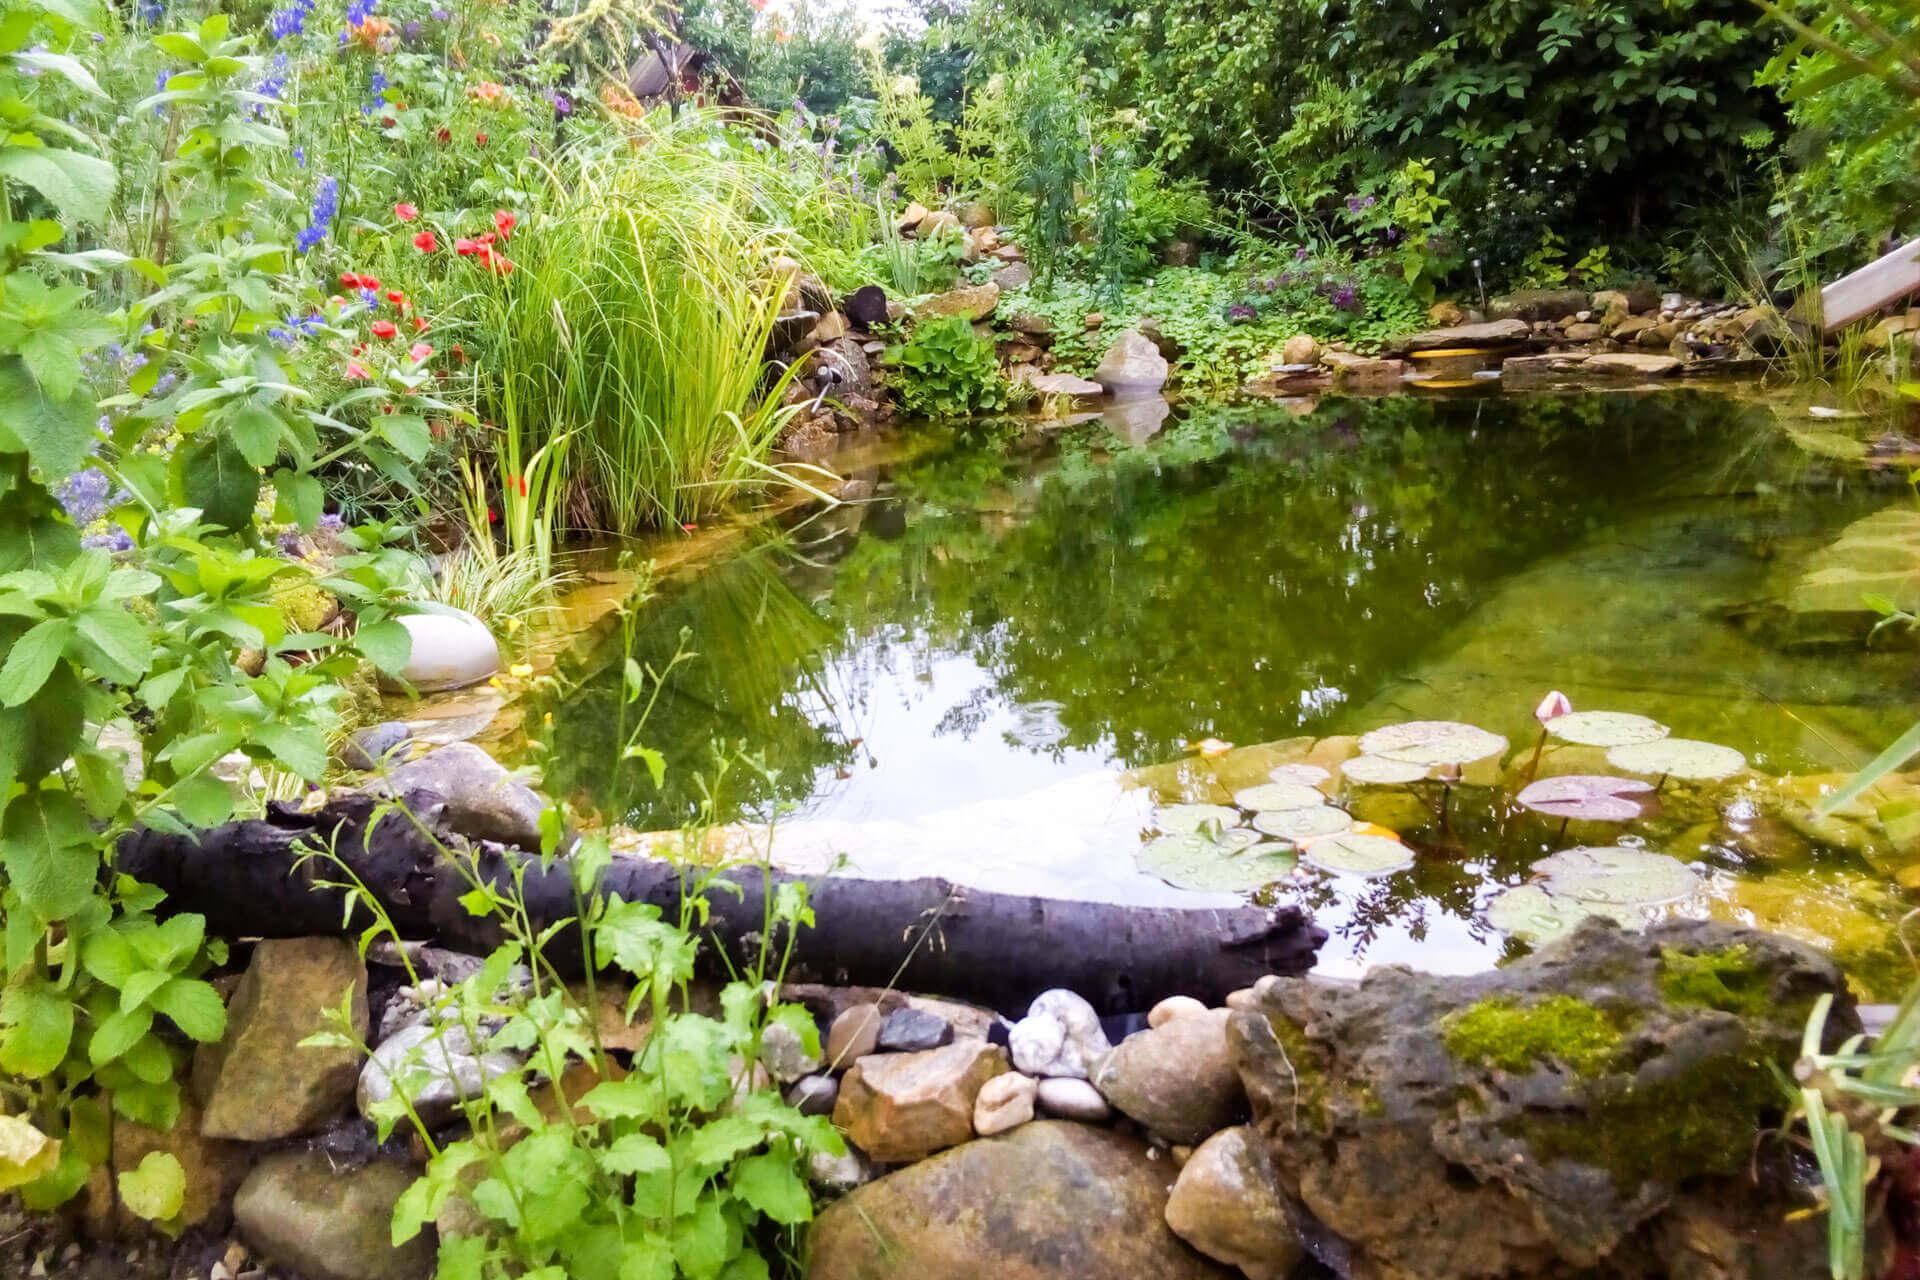 Ganzheitliche Gartengestaltung